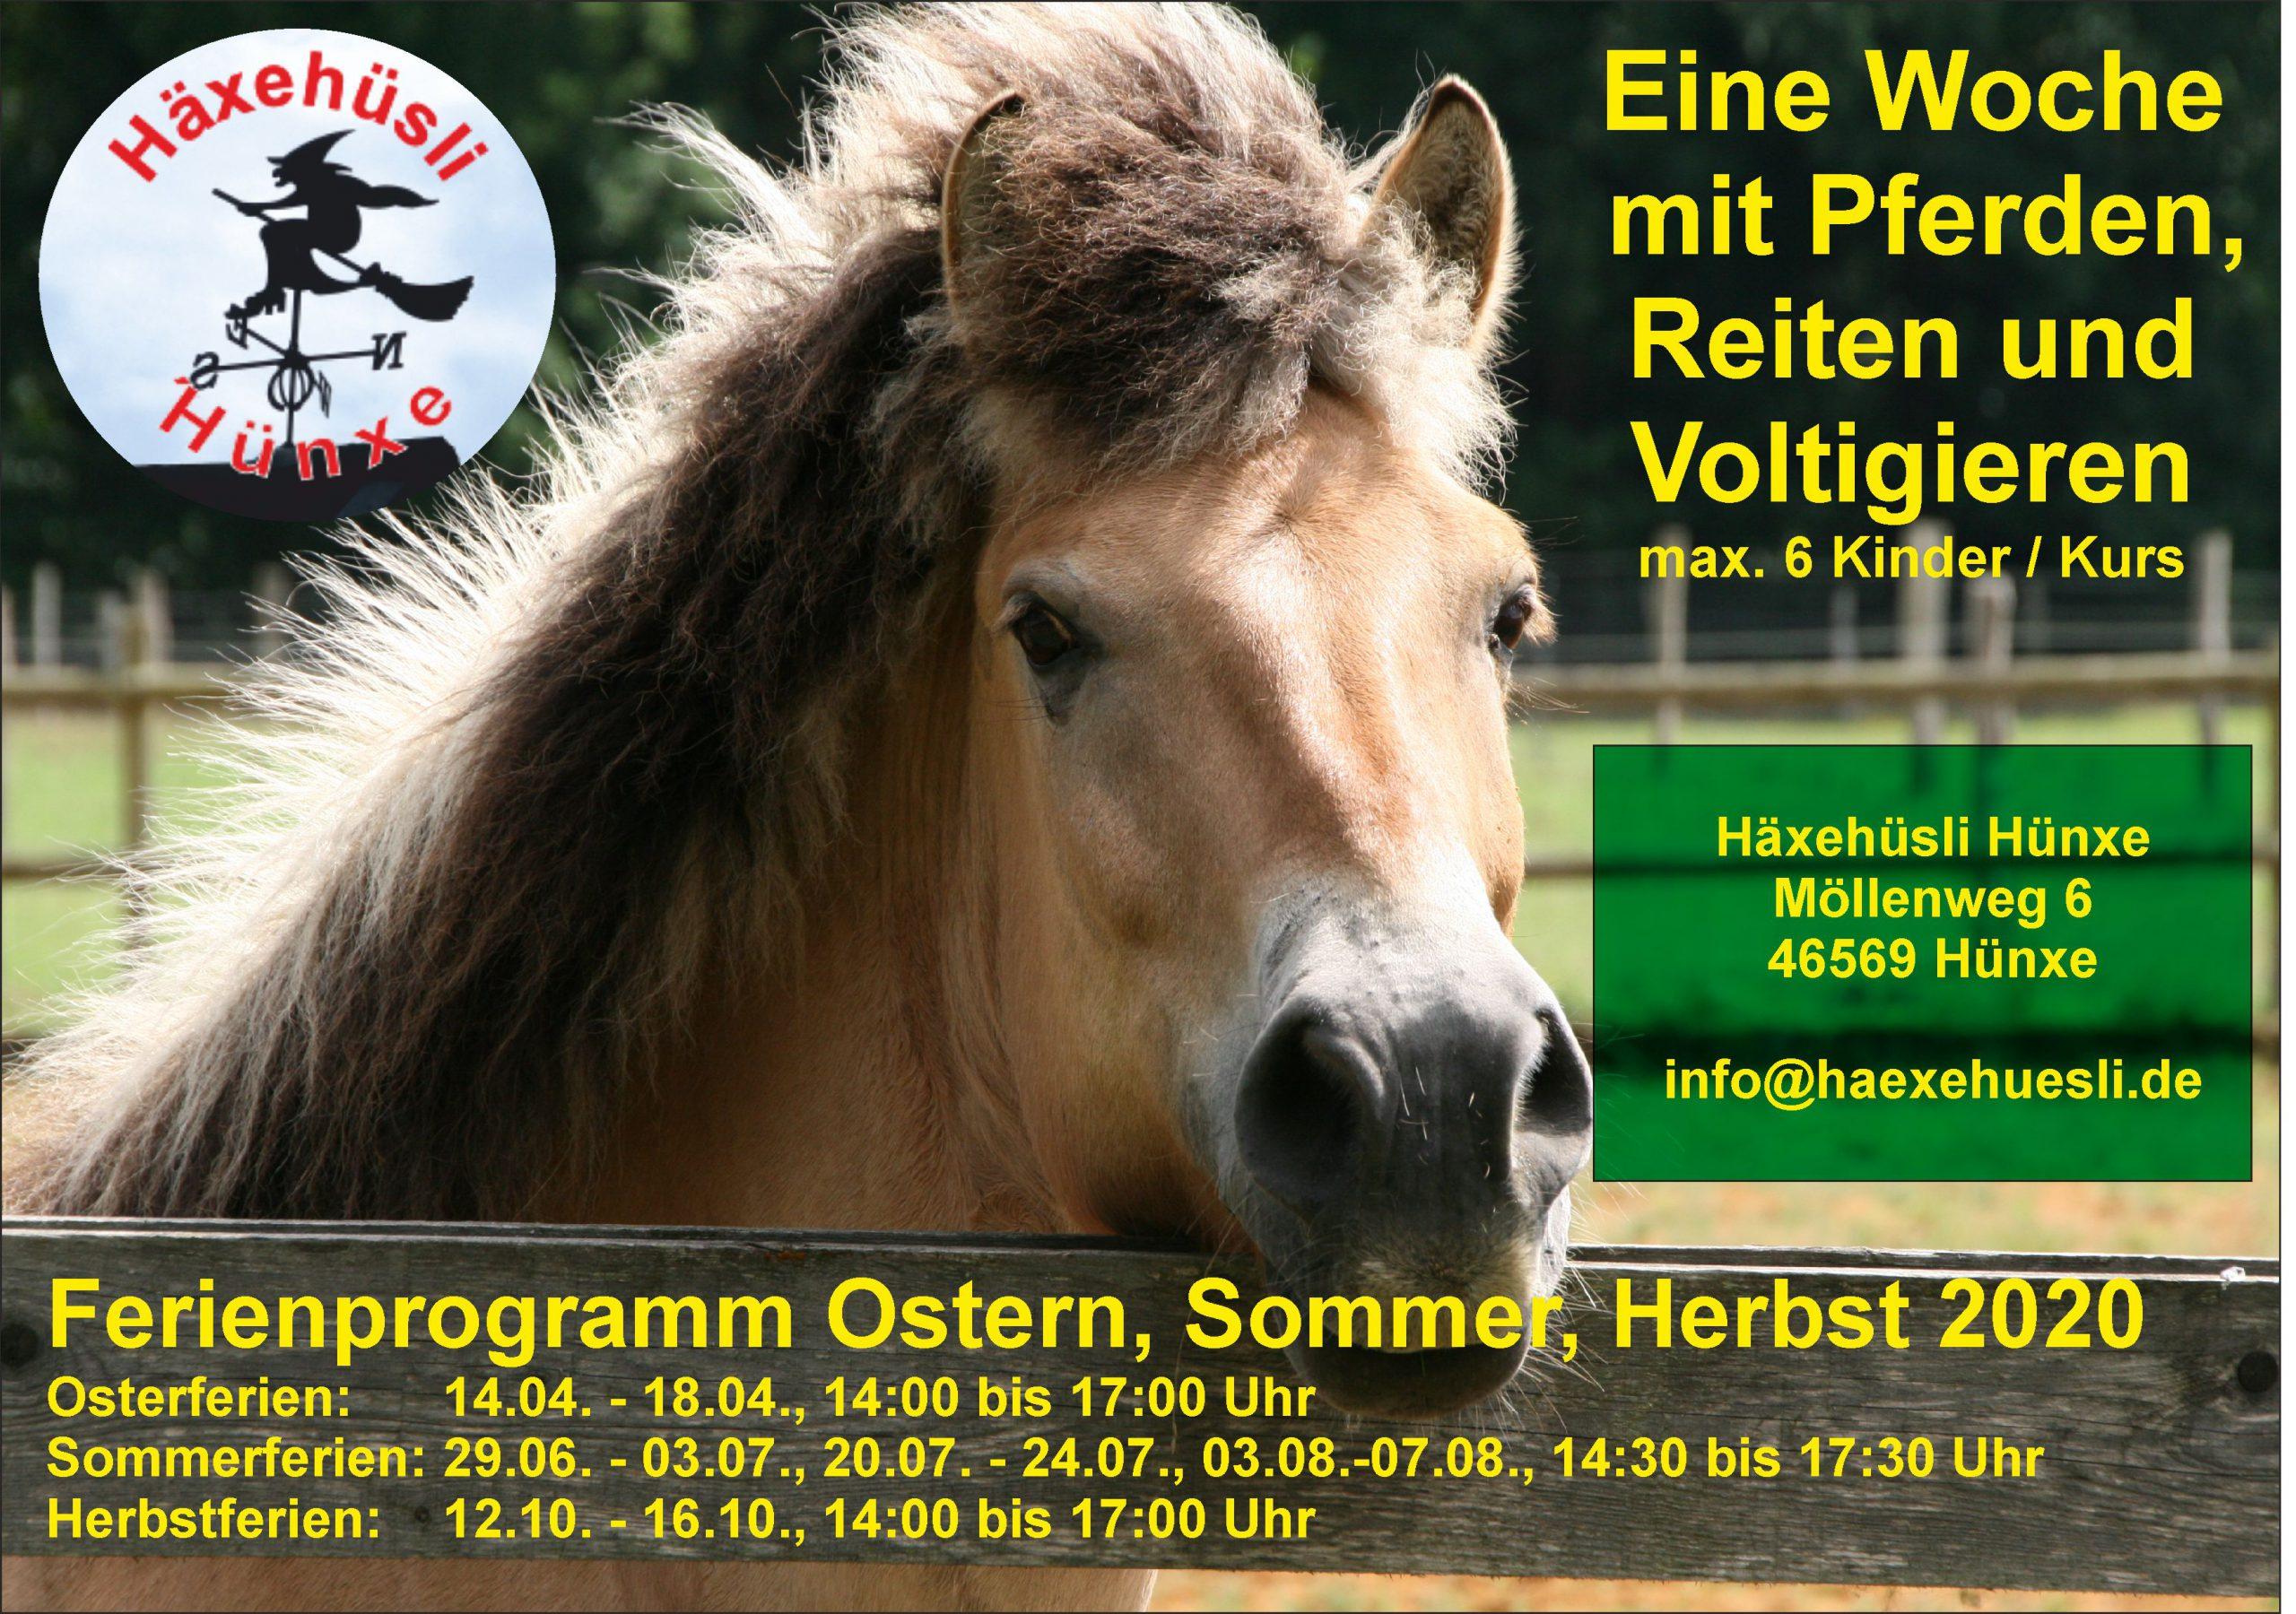 Herbstferienkurs mit Pferden @ Häxehüsli Hünxe